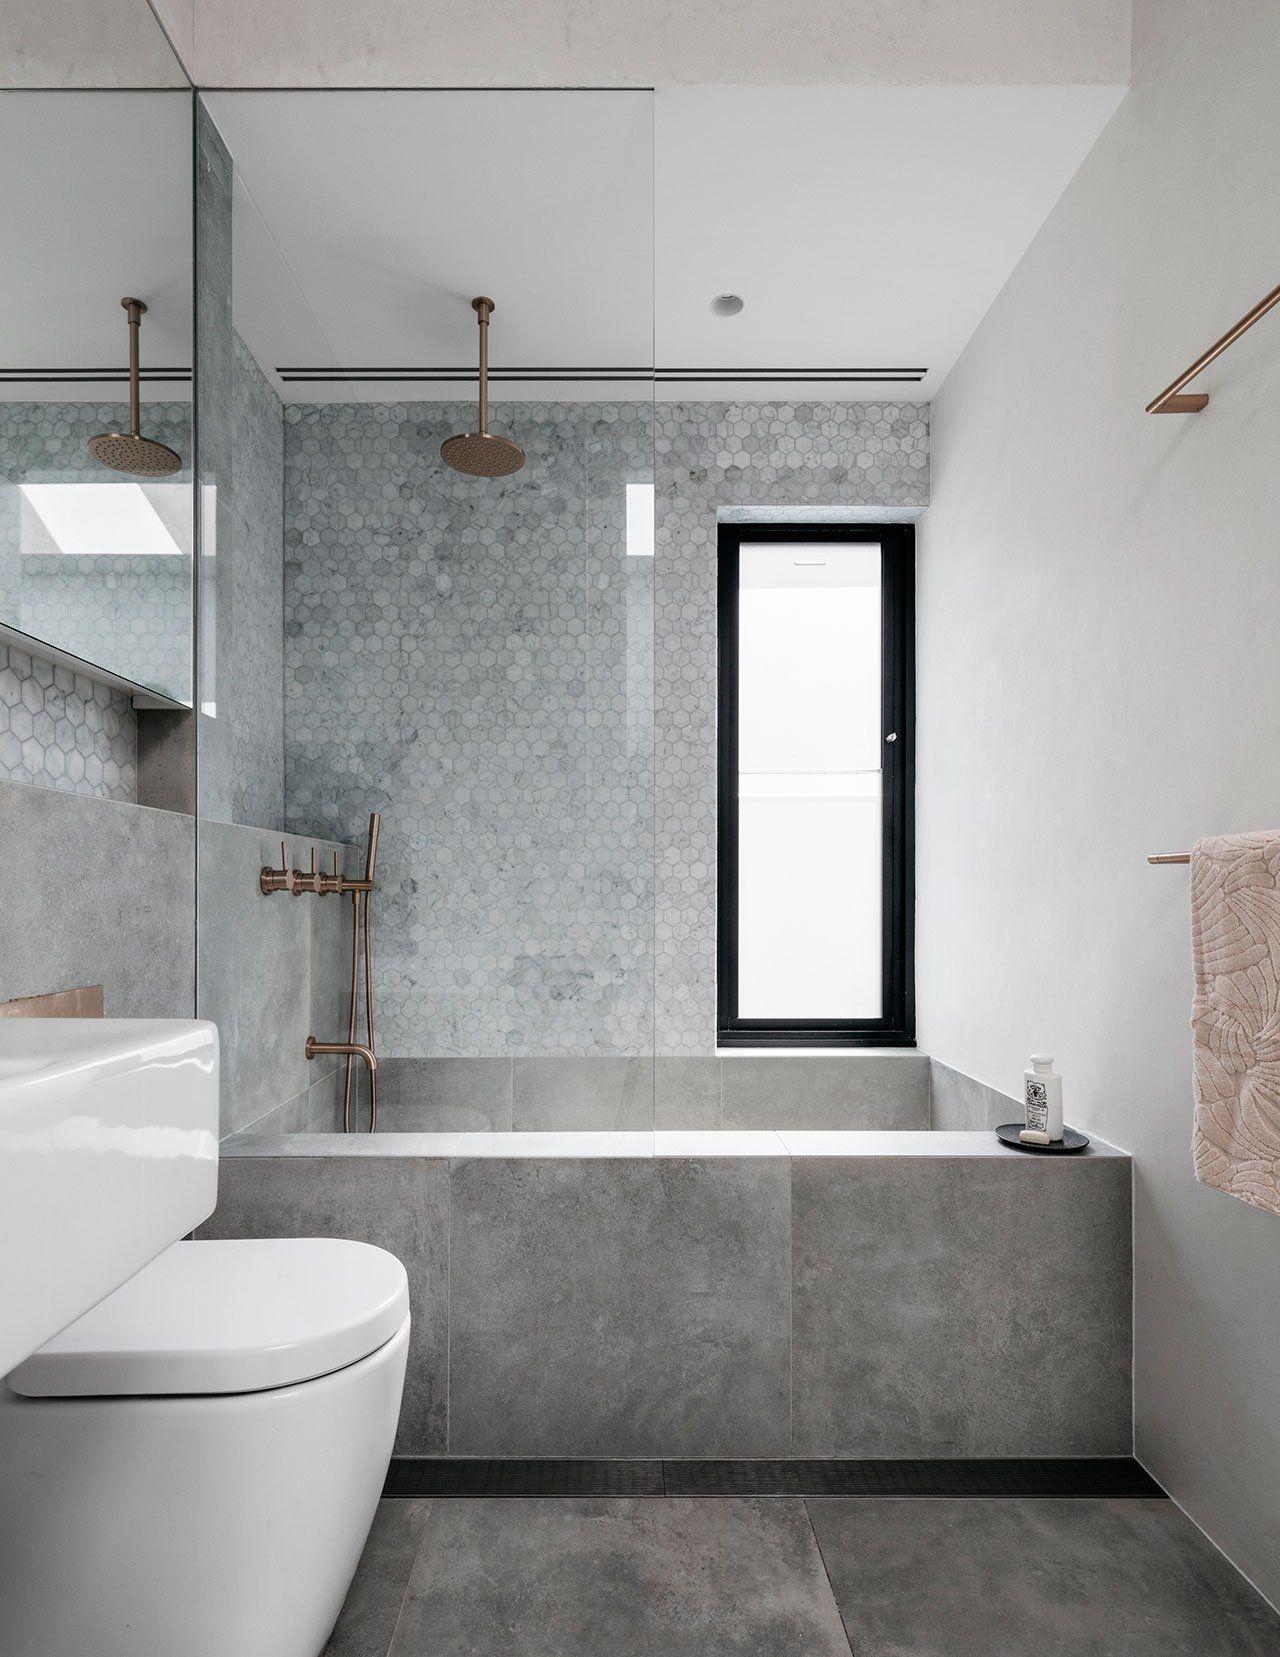 Dieses schöne kleine Badezimmer wurde mit viel Liebe zum ...